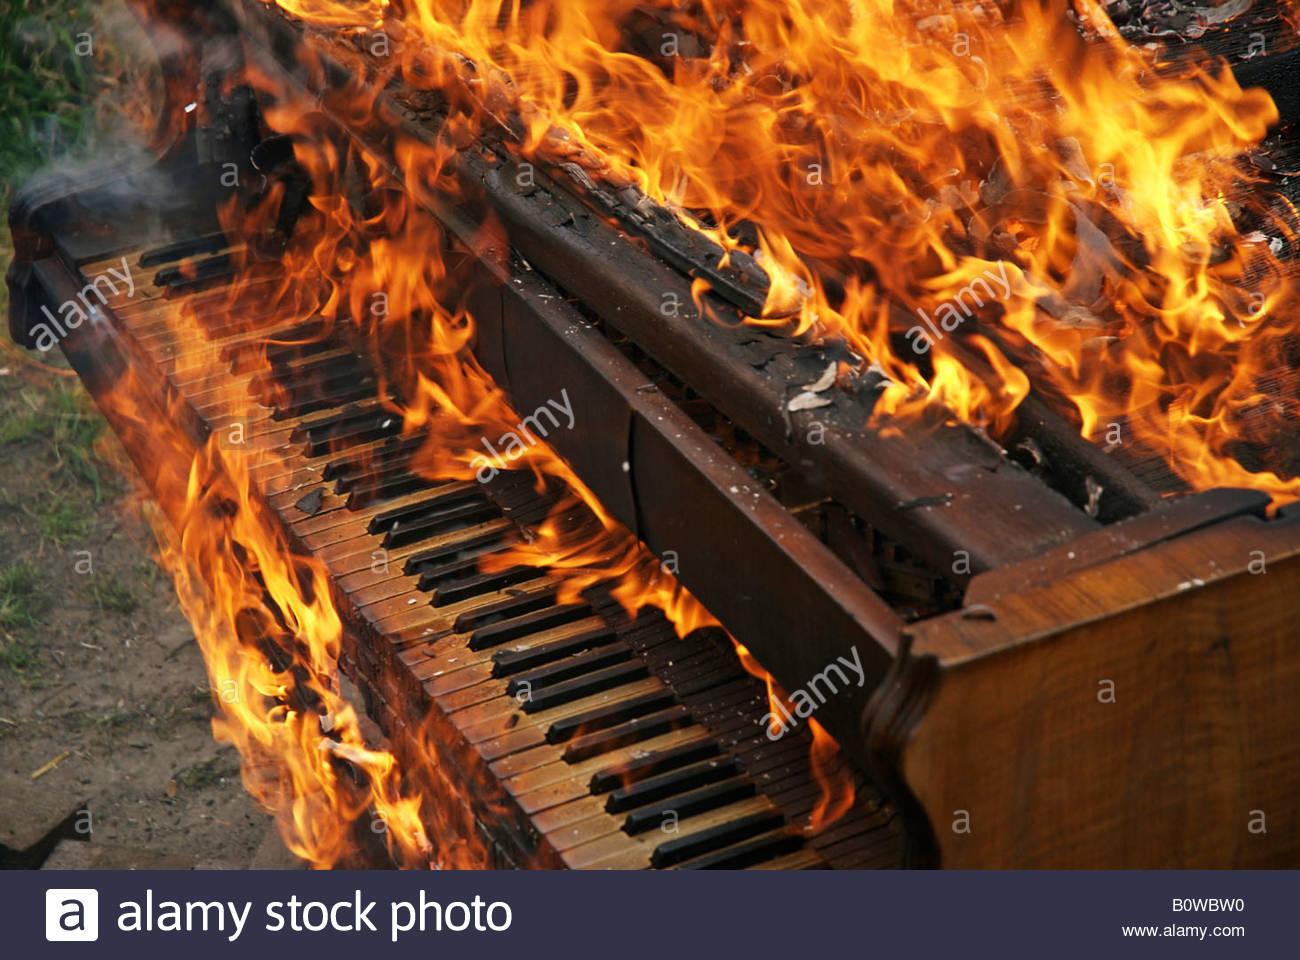 La masterizzazione di pianoforte, pianoforte sul fuoco Immagini Stock